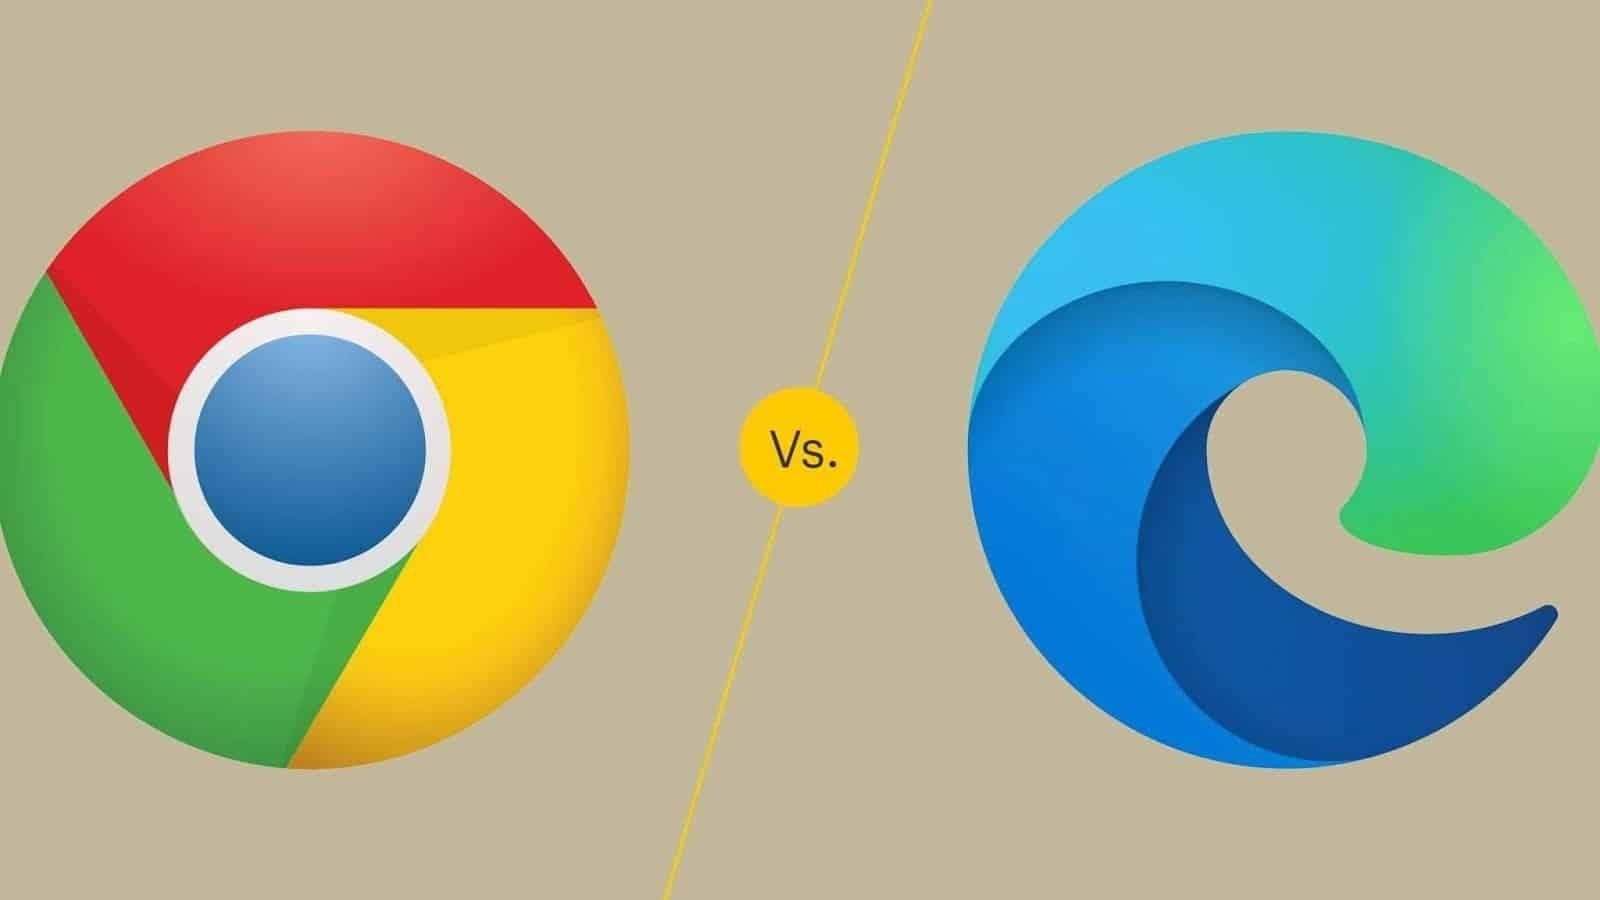 Raisons pour lesquelles Edge Chromium est meilleur que Google Chrome et devriez-vous changer - Avis